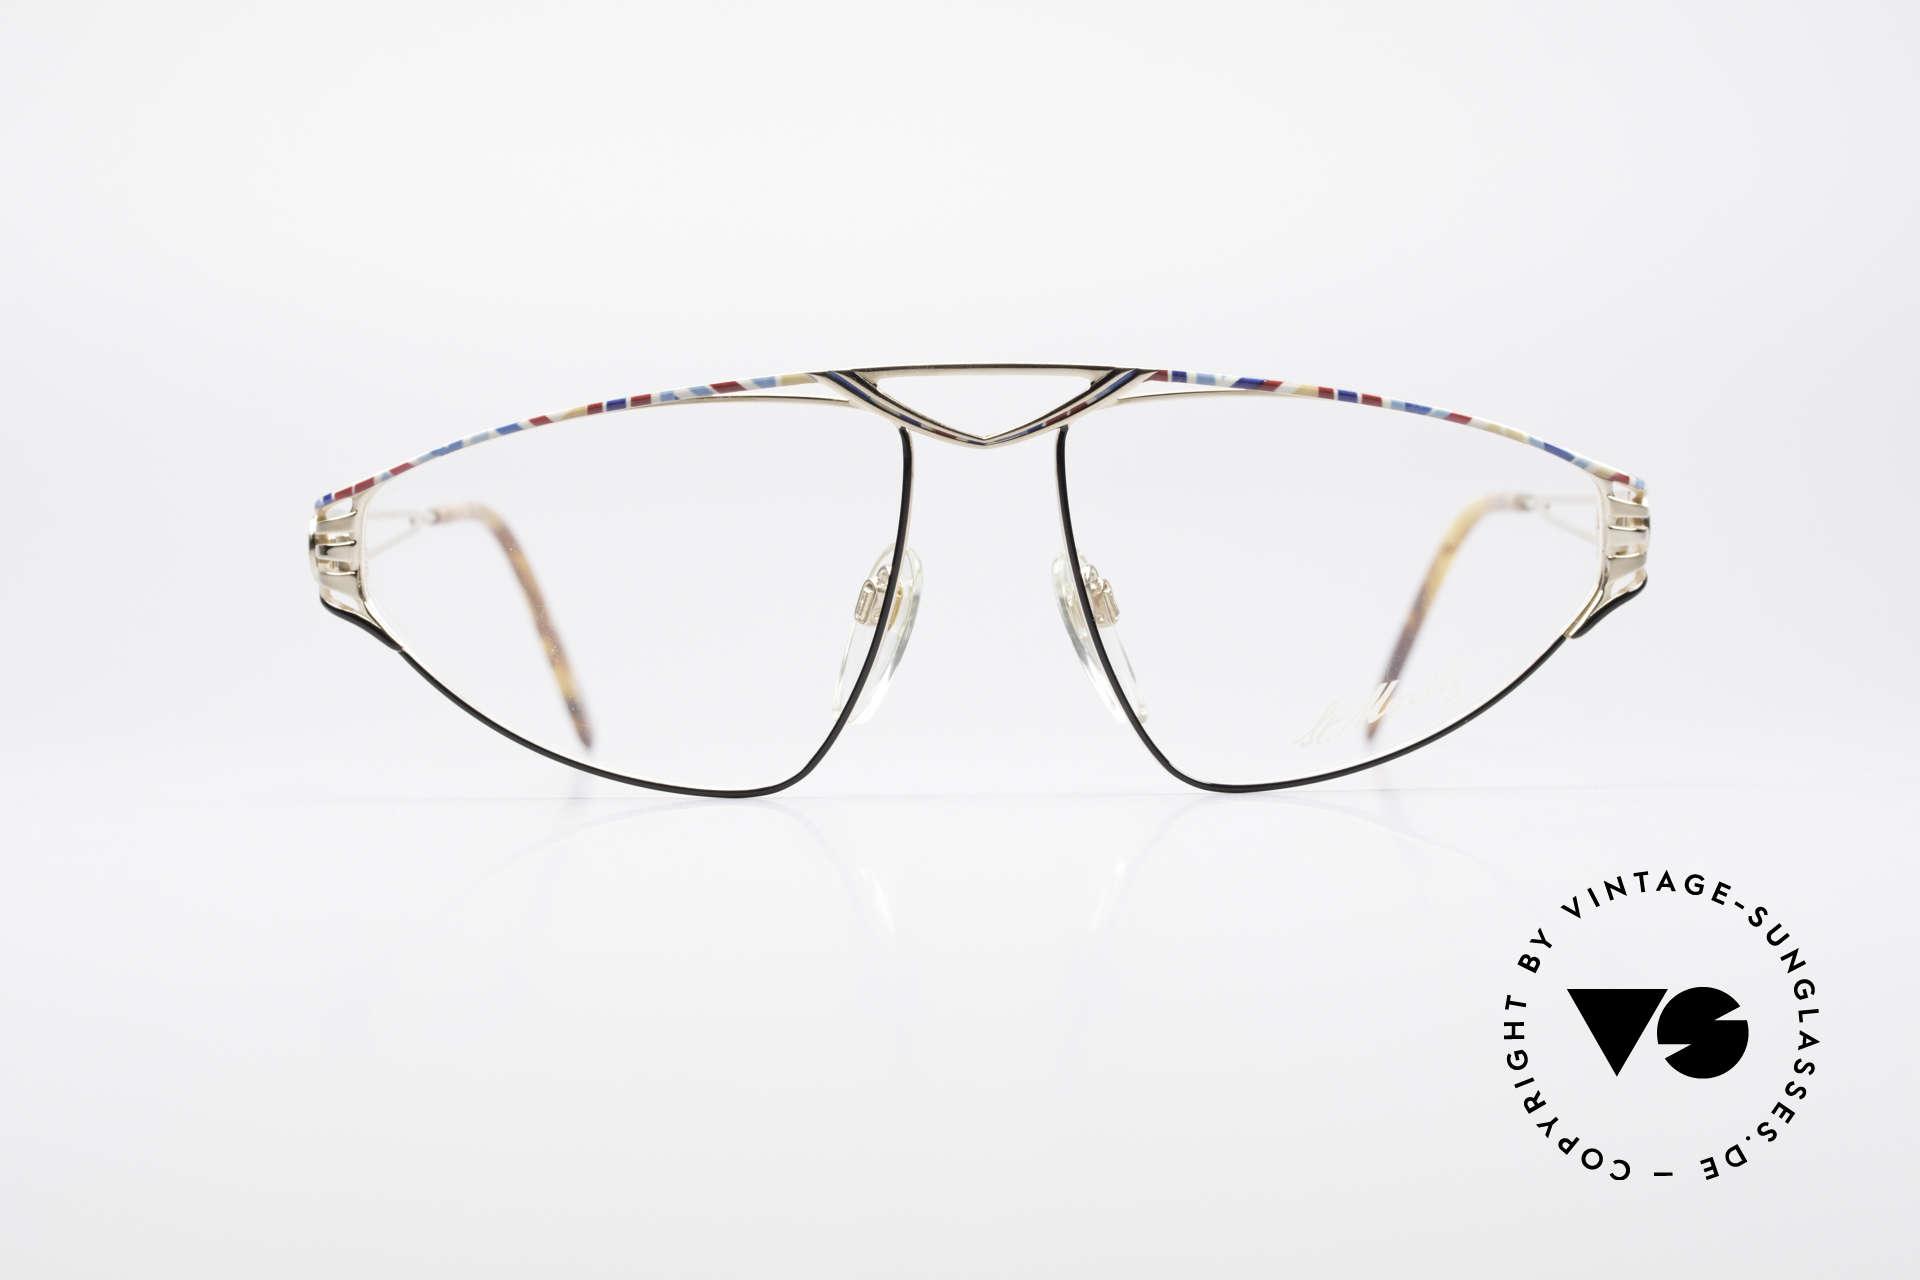 St. Moritz 4410 Luxus Designer Brille, kostbare Designer-Fassung in außergewöhnlicher Form, Passend für Damen